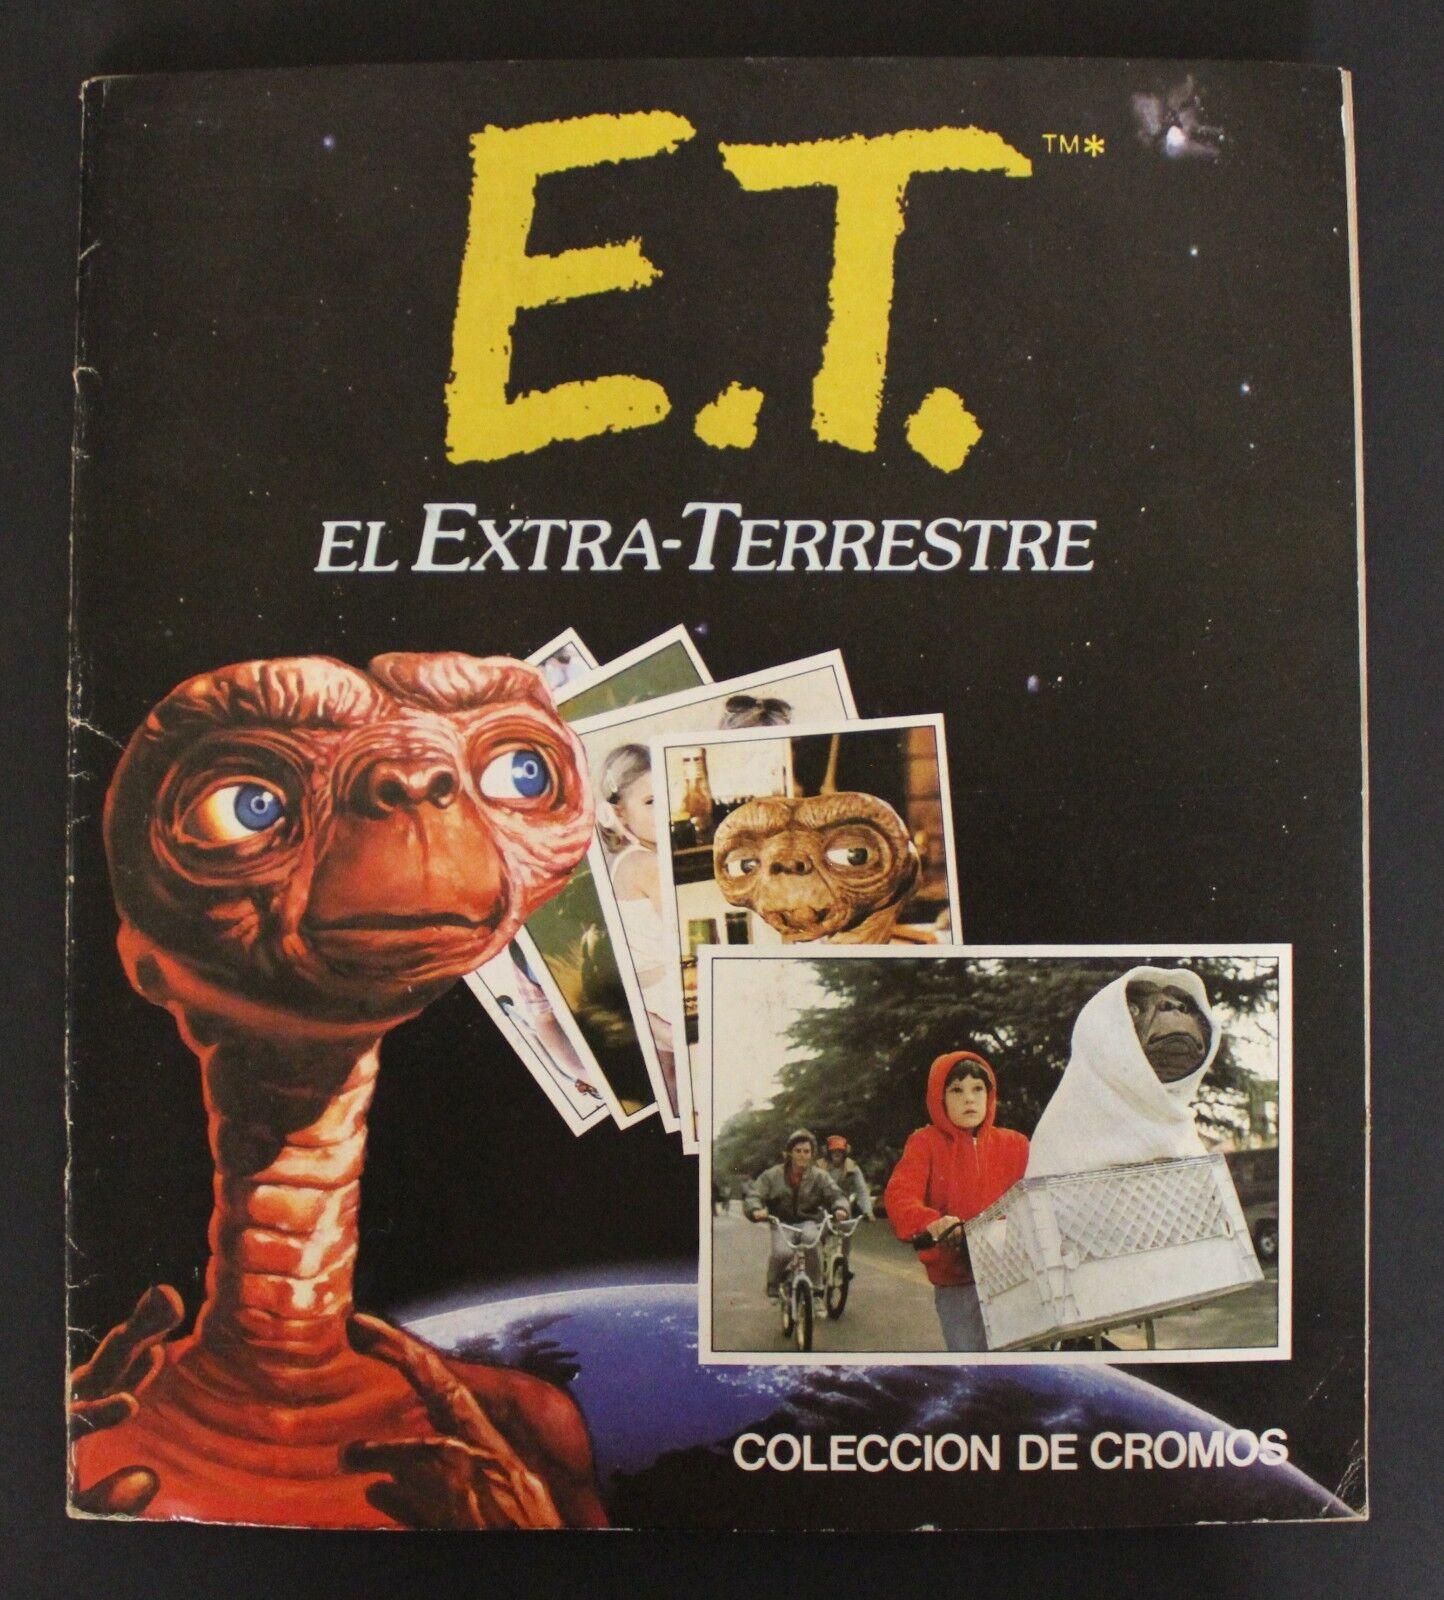 1982 Ediciones Este E.T. / ET TRADING CARDS ALBUM 100% complete Spanish vintage